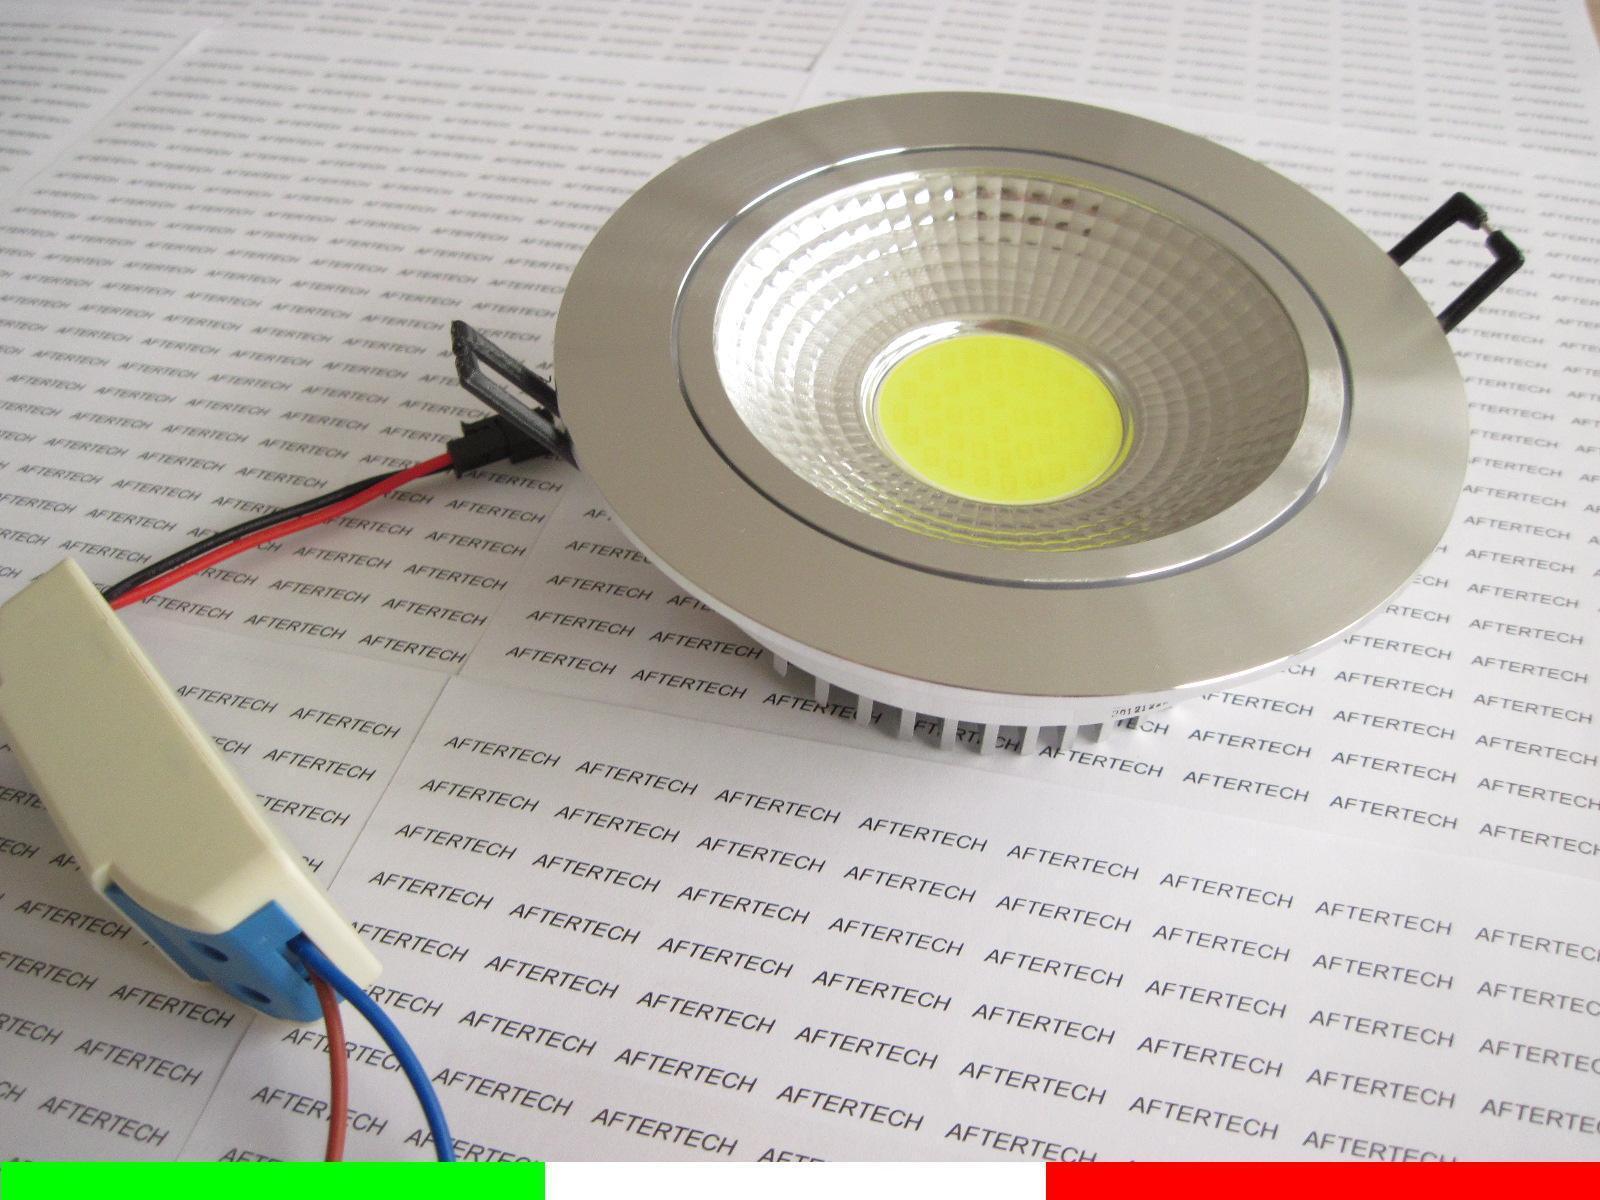 10x COB COB COB 9w 180° FARETTO DA INCASSO ORIENTABILE LED BIANCO FrossoDO LUCE 220V 230V c4b1ae